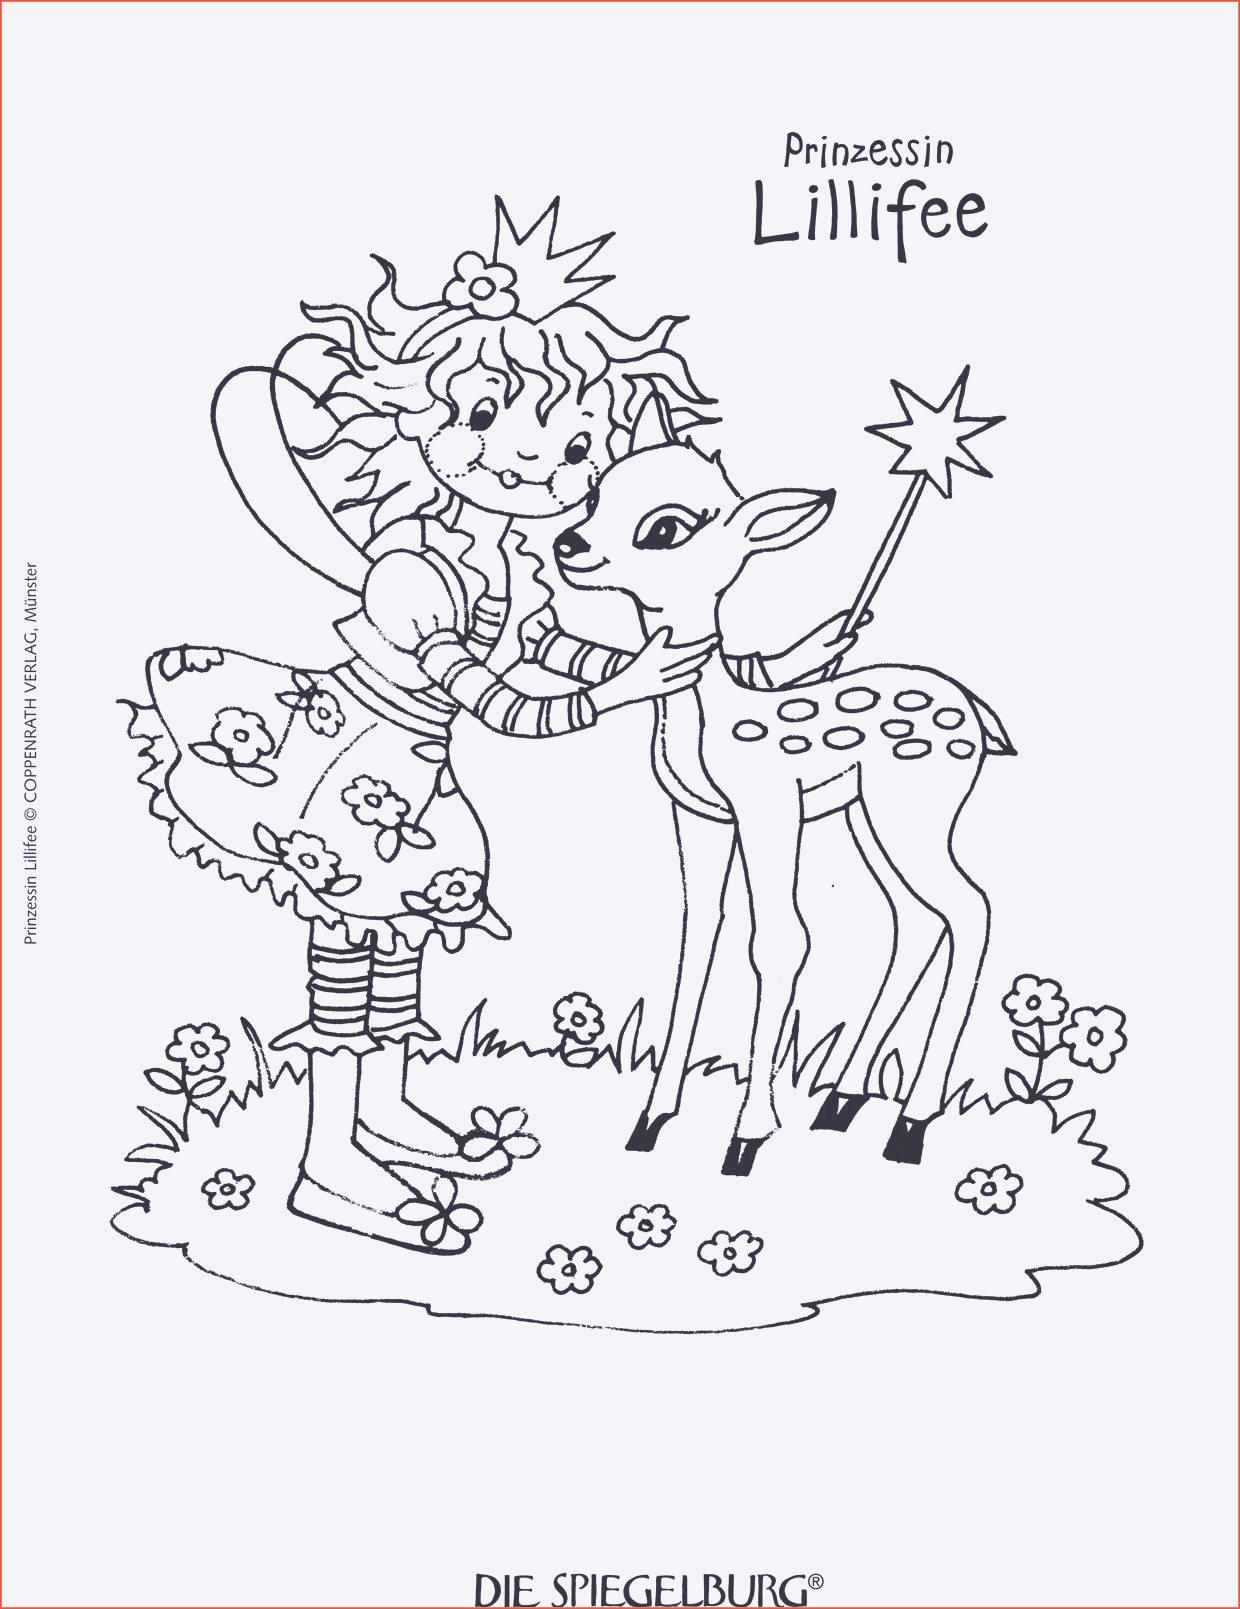 Emily Erdbeer Ausmalbilder Genial Malvorlagen Gratis Prinzessin Disney Schön Gratis Malvorlagen Fotografieren